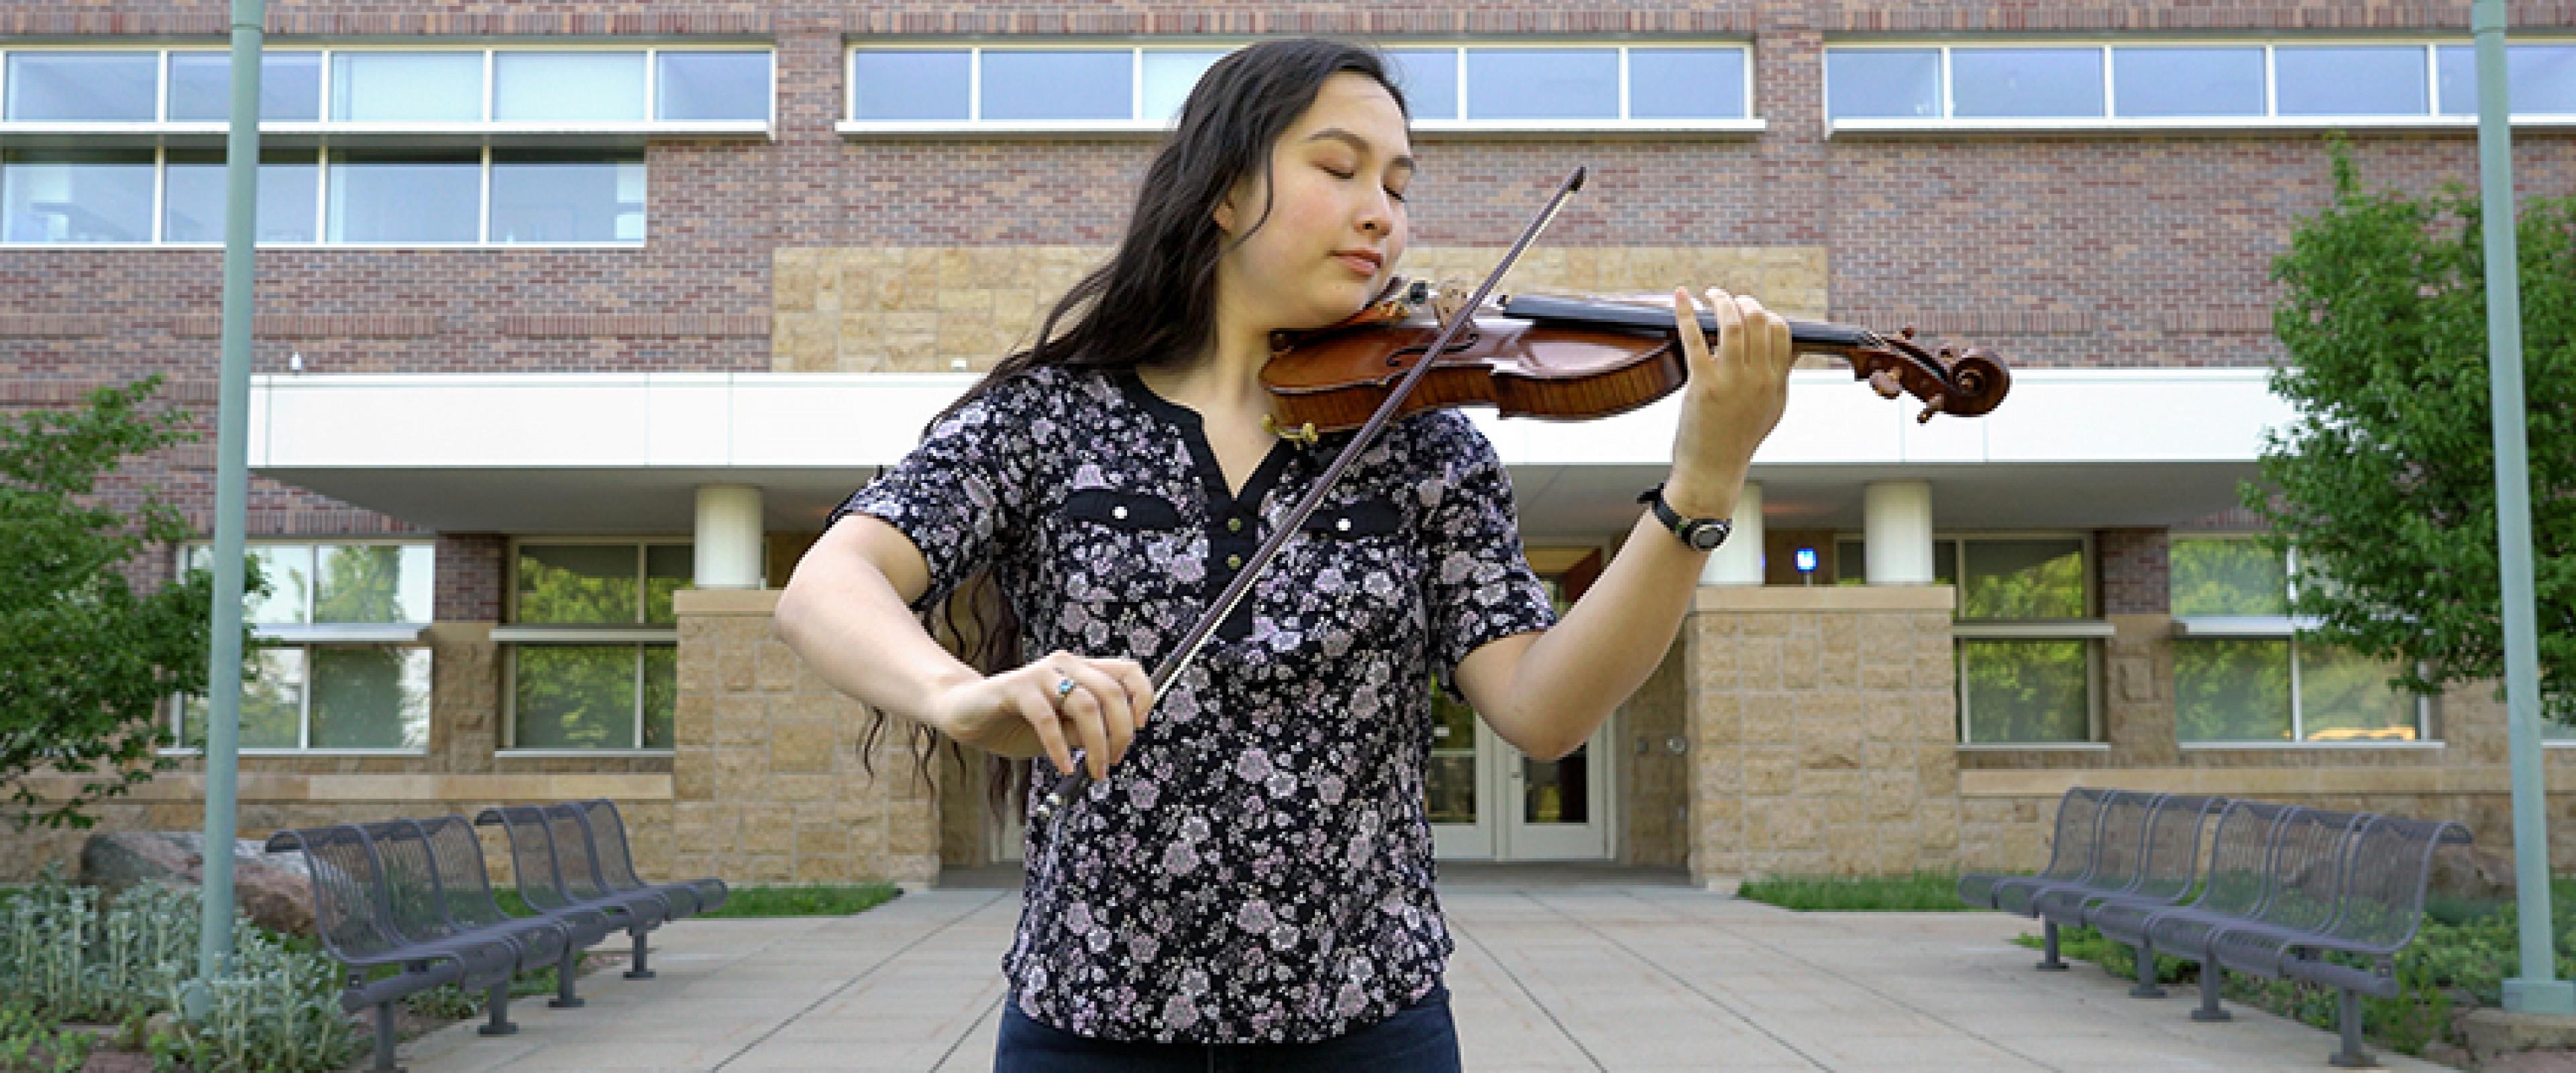 Emily Bosak playing violin.